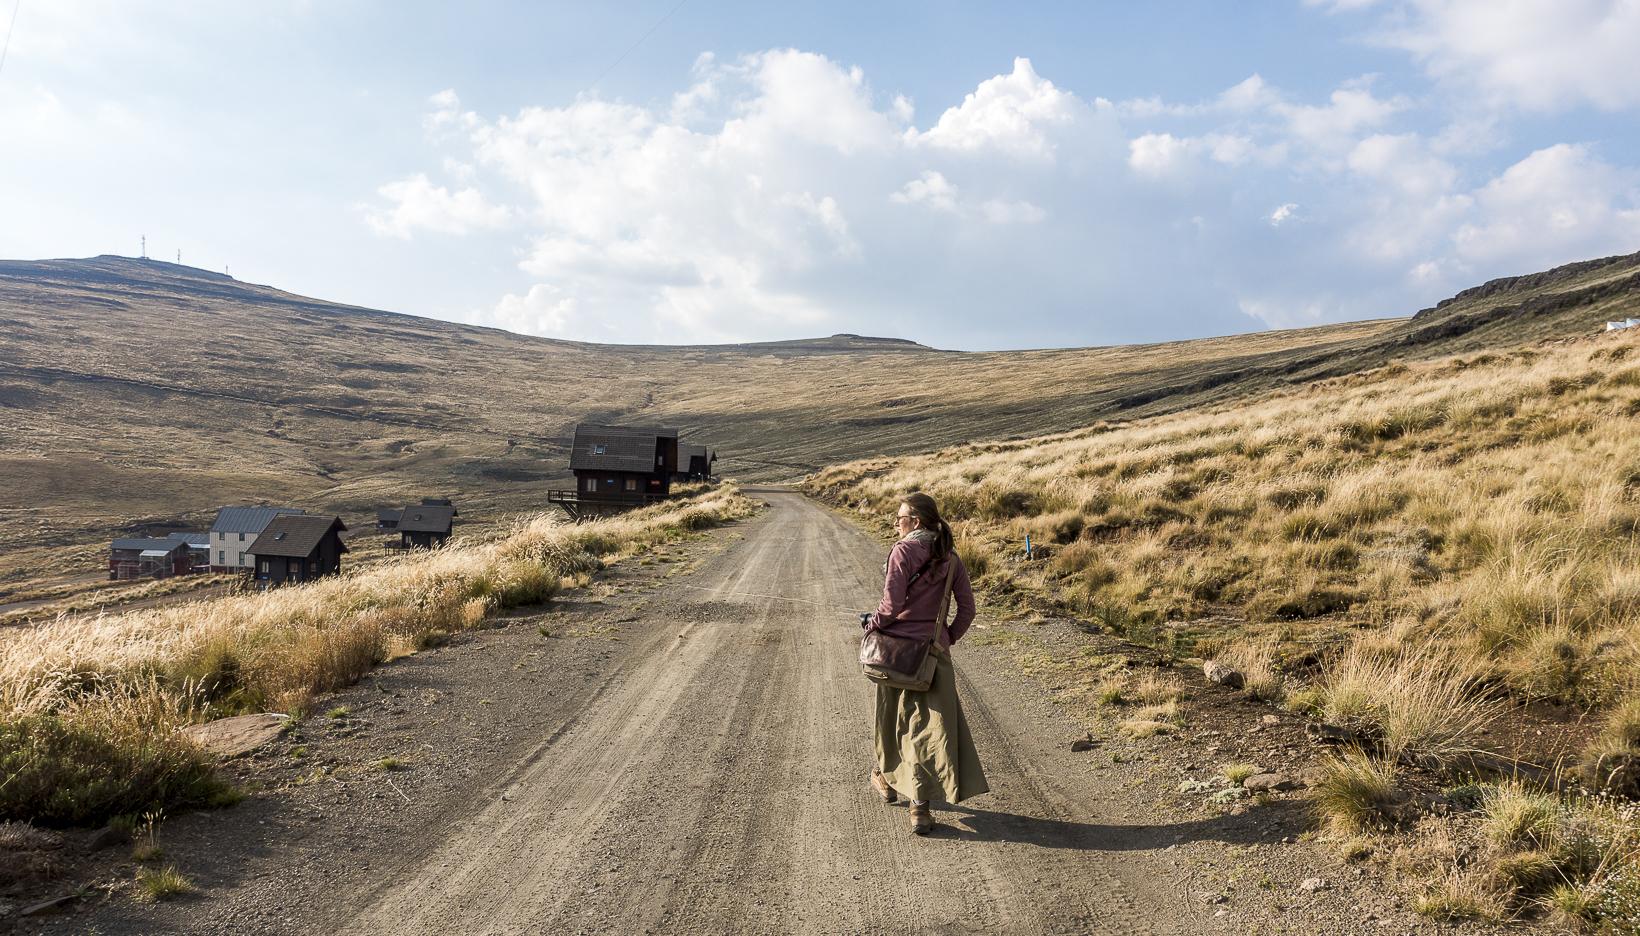 Parcourir les routes du Roof of Africa au Lesotho - 2017